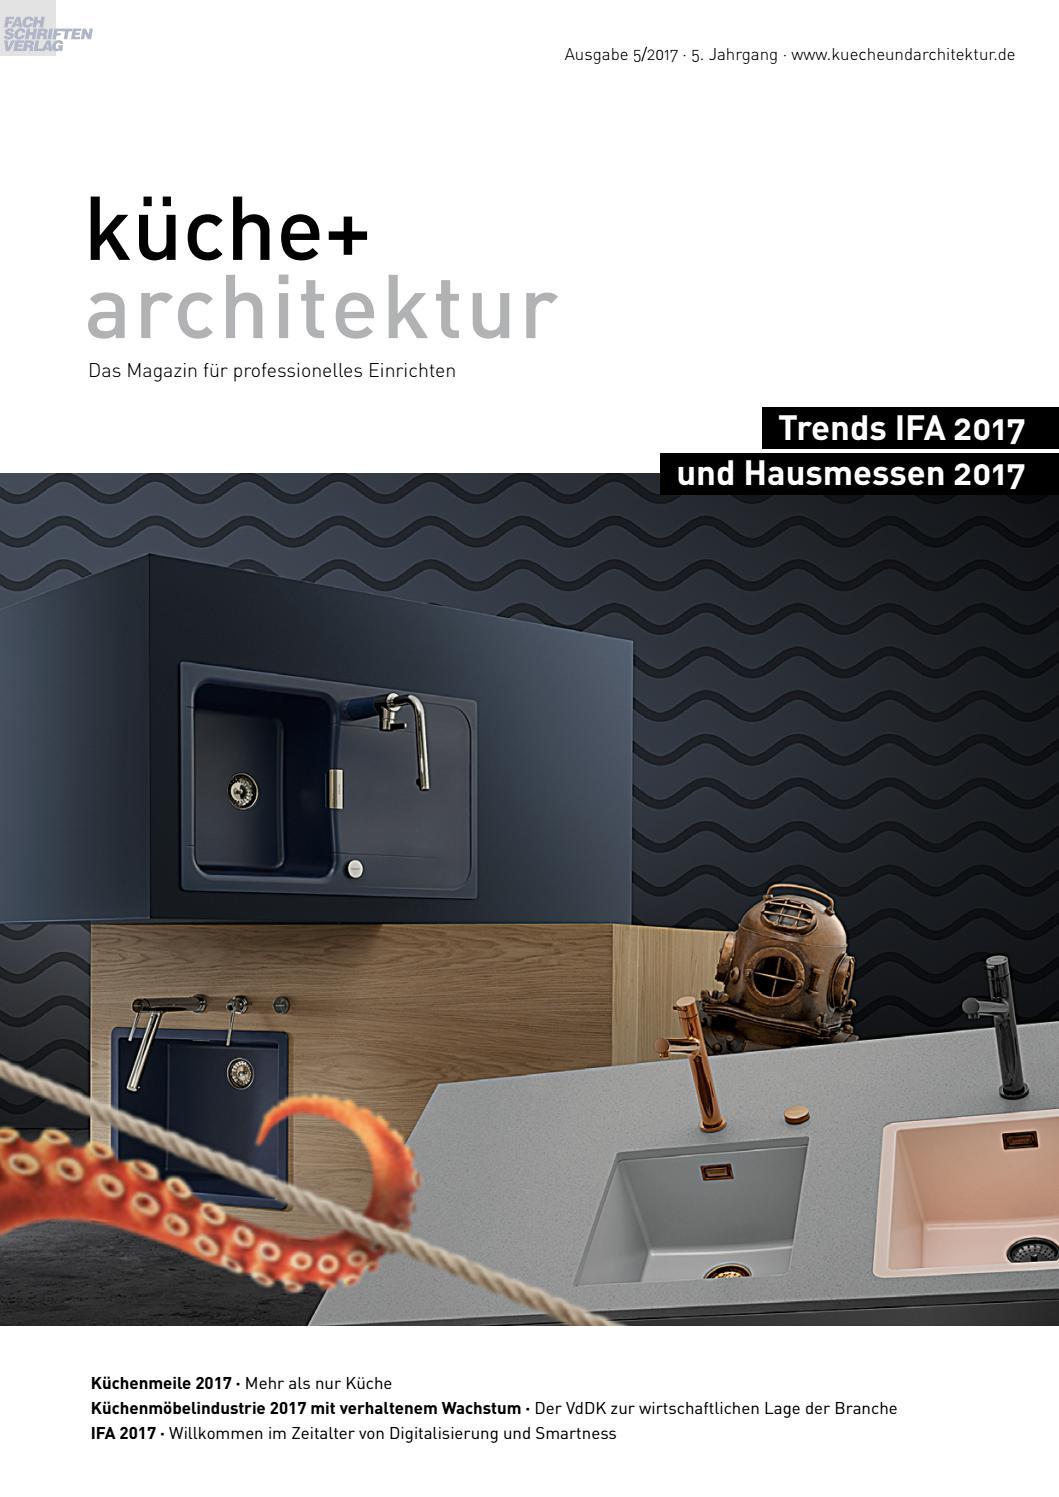 küche + architektur 5/2017 by Fachschriften Verlag - issuu